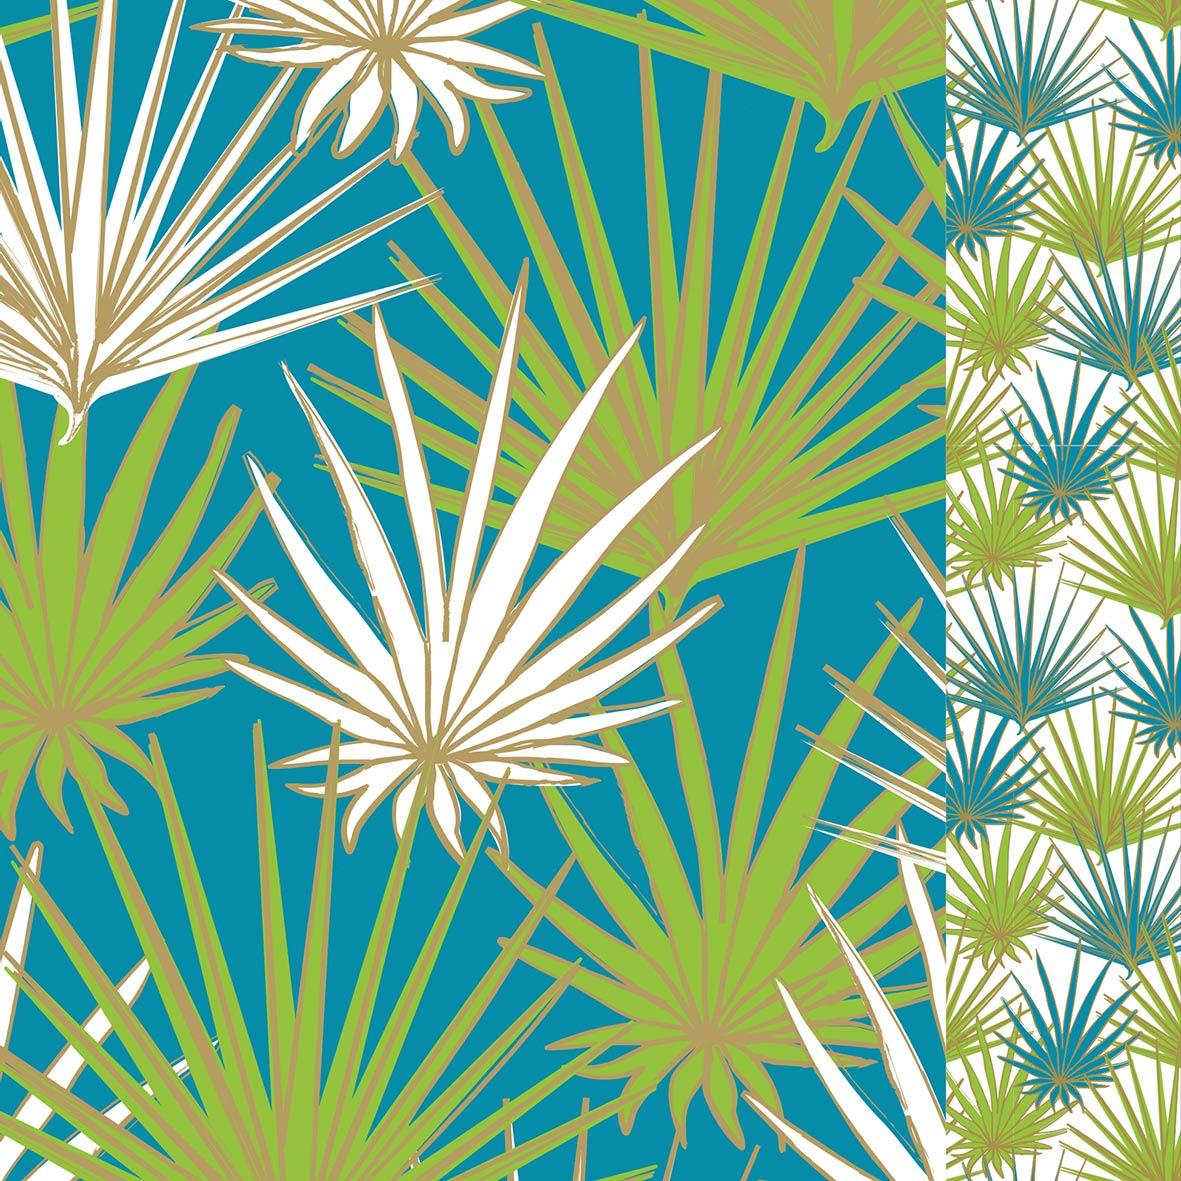 Palms 33x33 cm